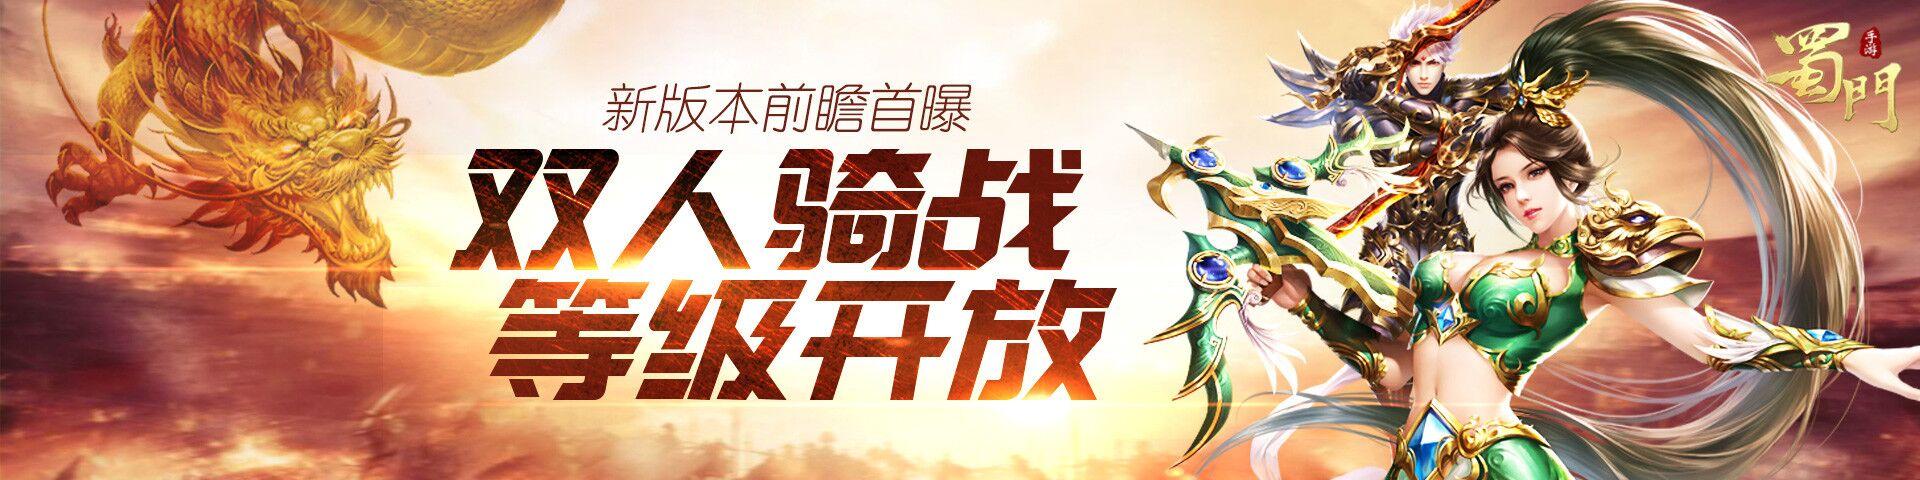 双人骑战《蜀门手游》新版突破等级上限前瞻首曝